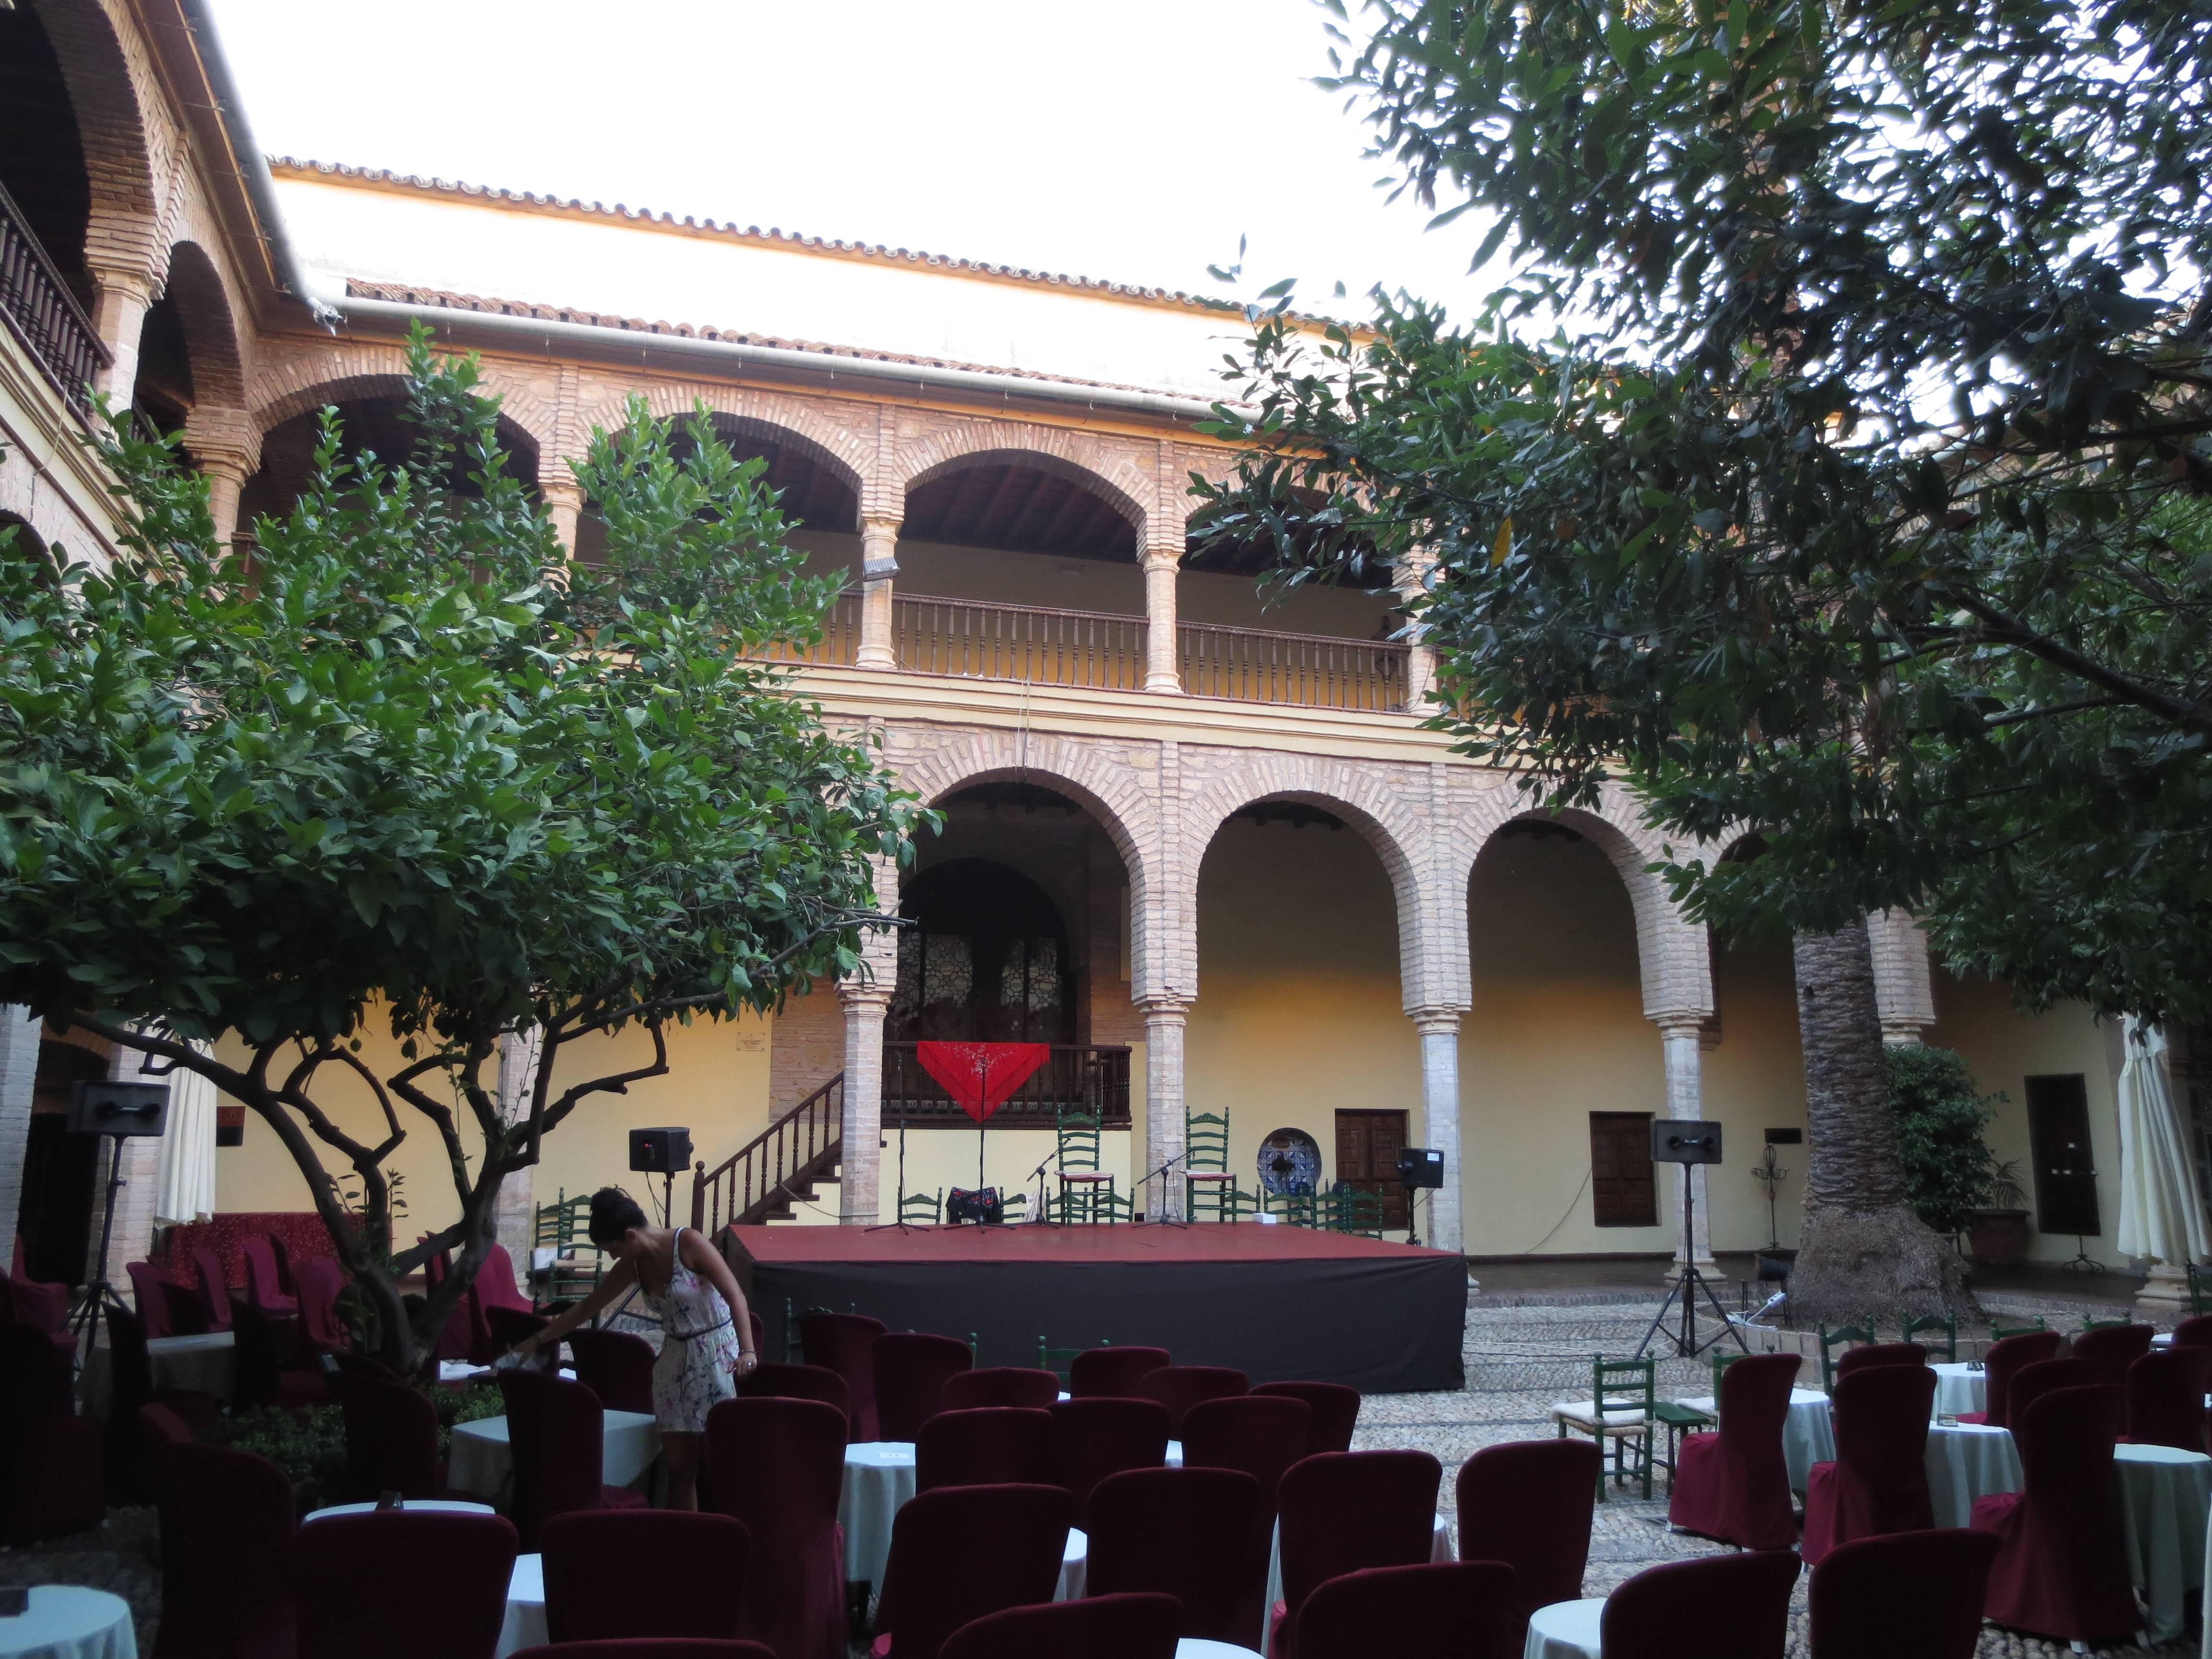 Photo 1: spectacle de flamenco dans un cadre magnifique